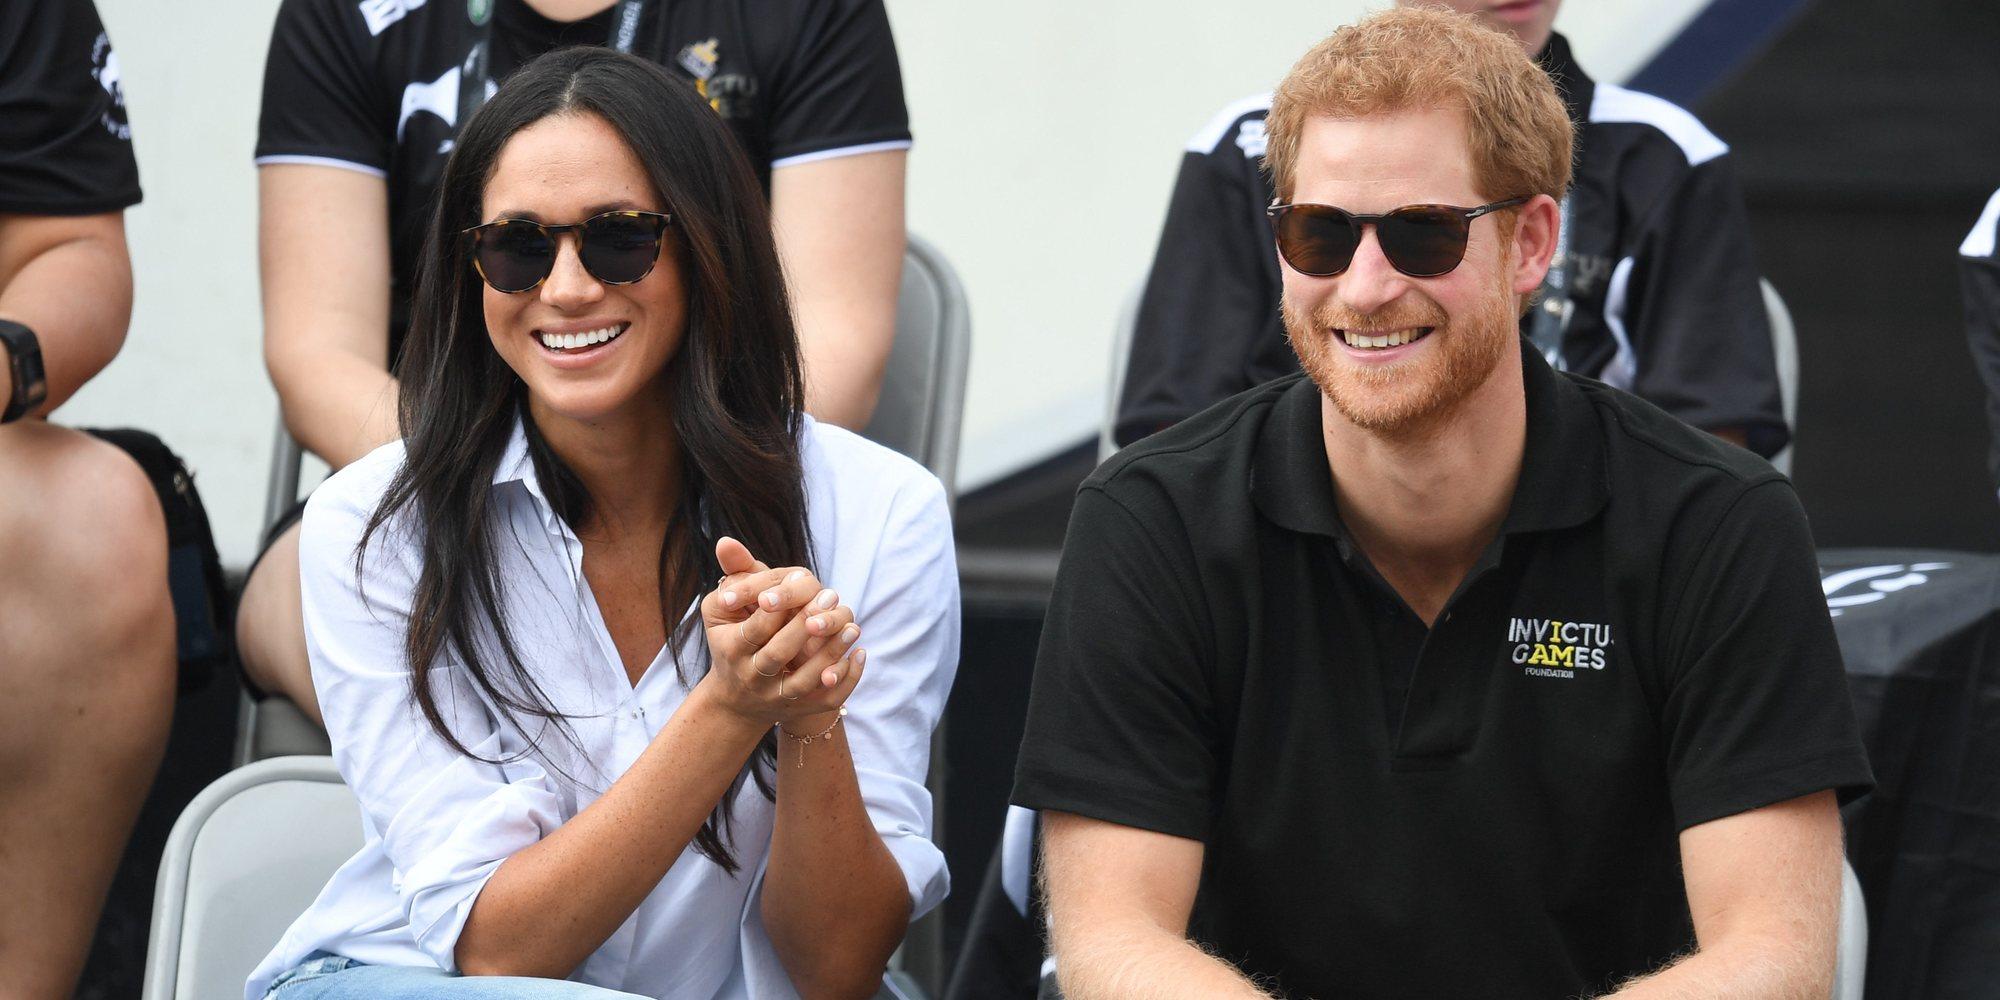 El detalle con el que Meghan Markle confirmó su compromiso con el Príncipe Harry antes de que fuese oficial